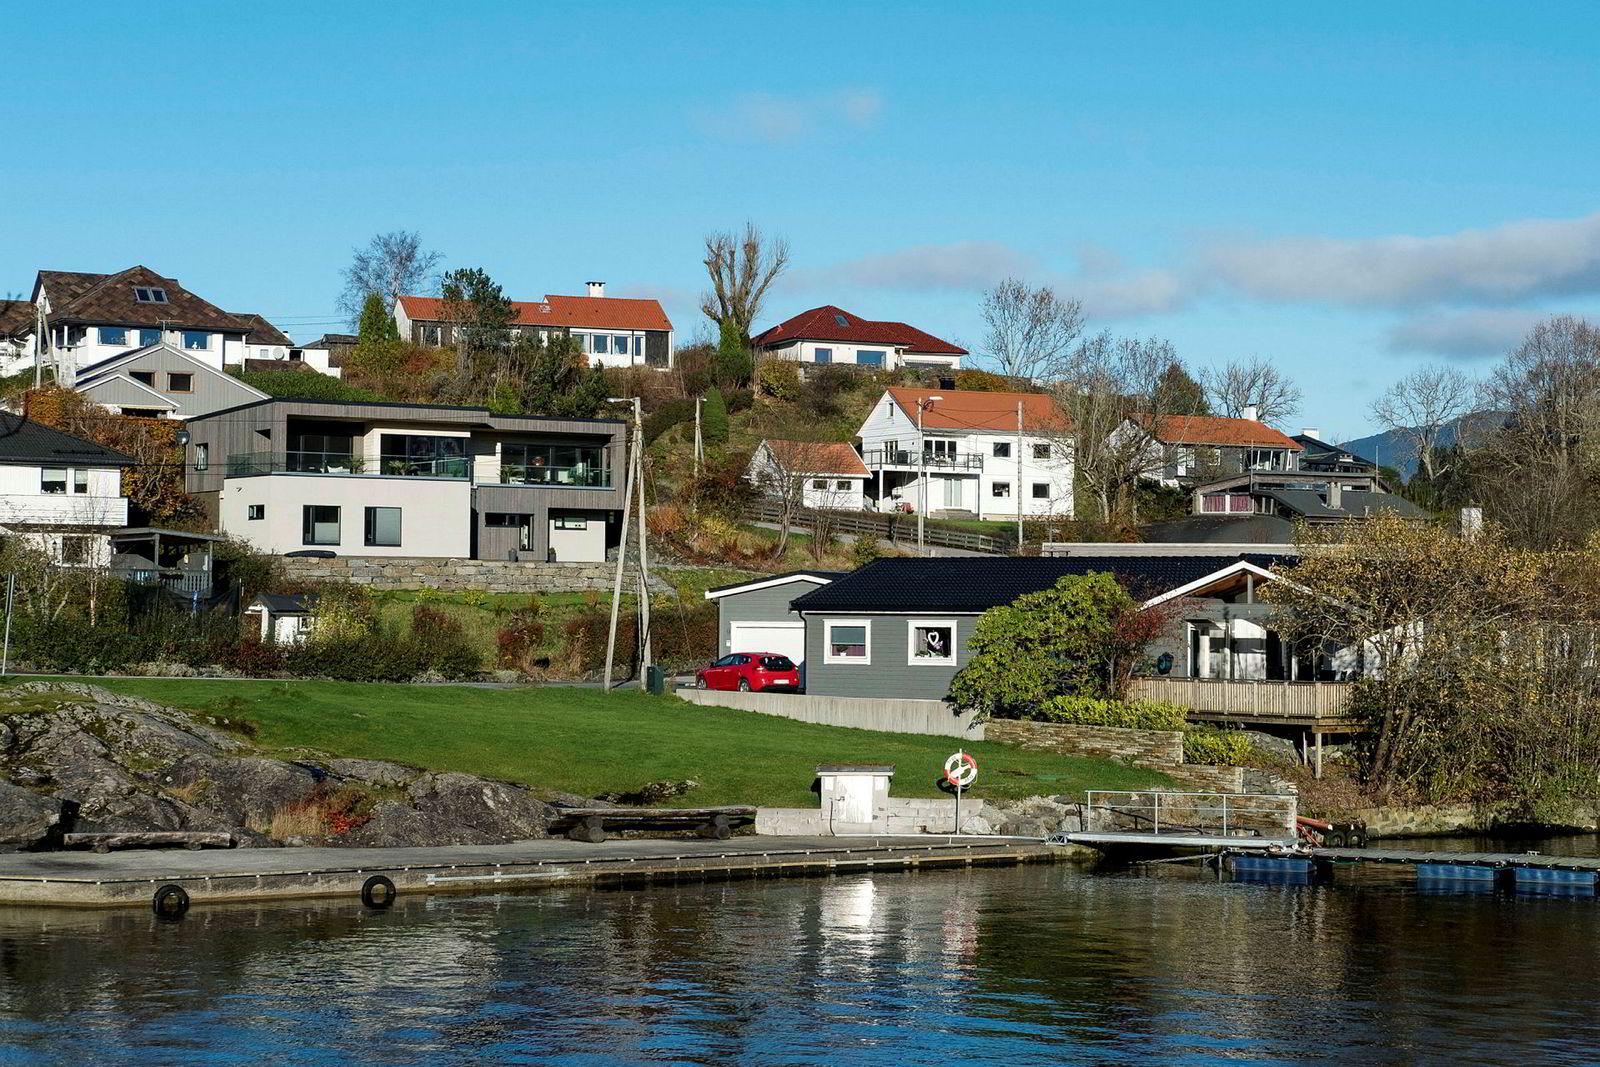 Det nyetablerte meglerselskapet Marton, med hovedkontor i Bergen, lanserte seg selv som en billigere eiendomsmegler.